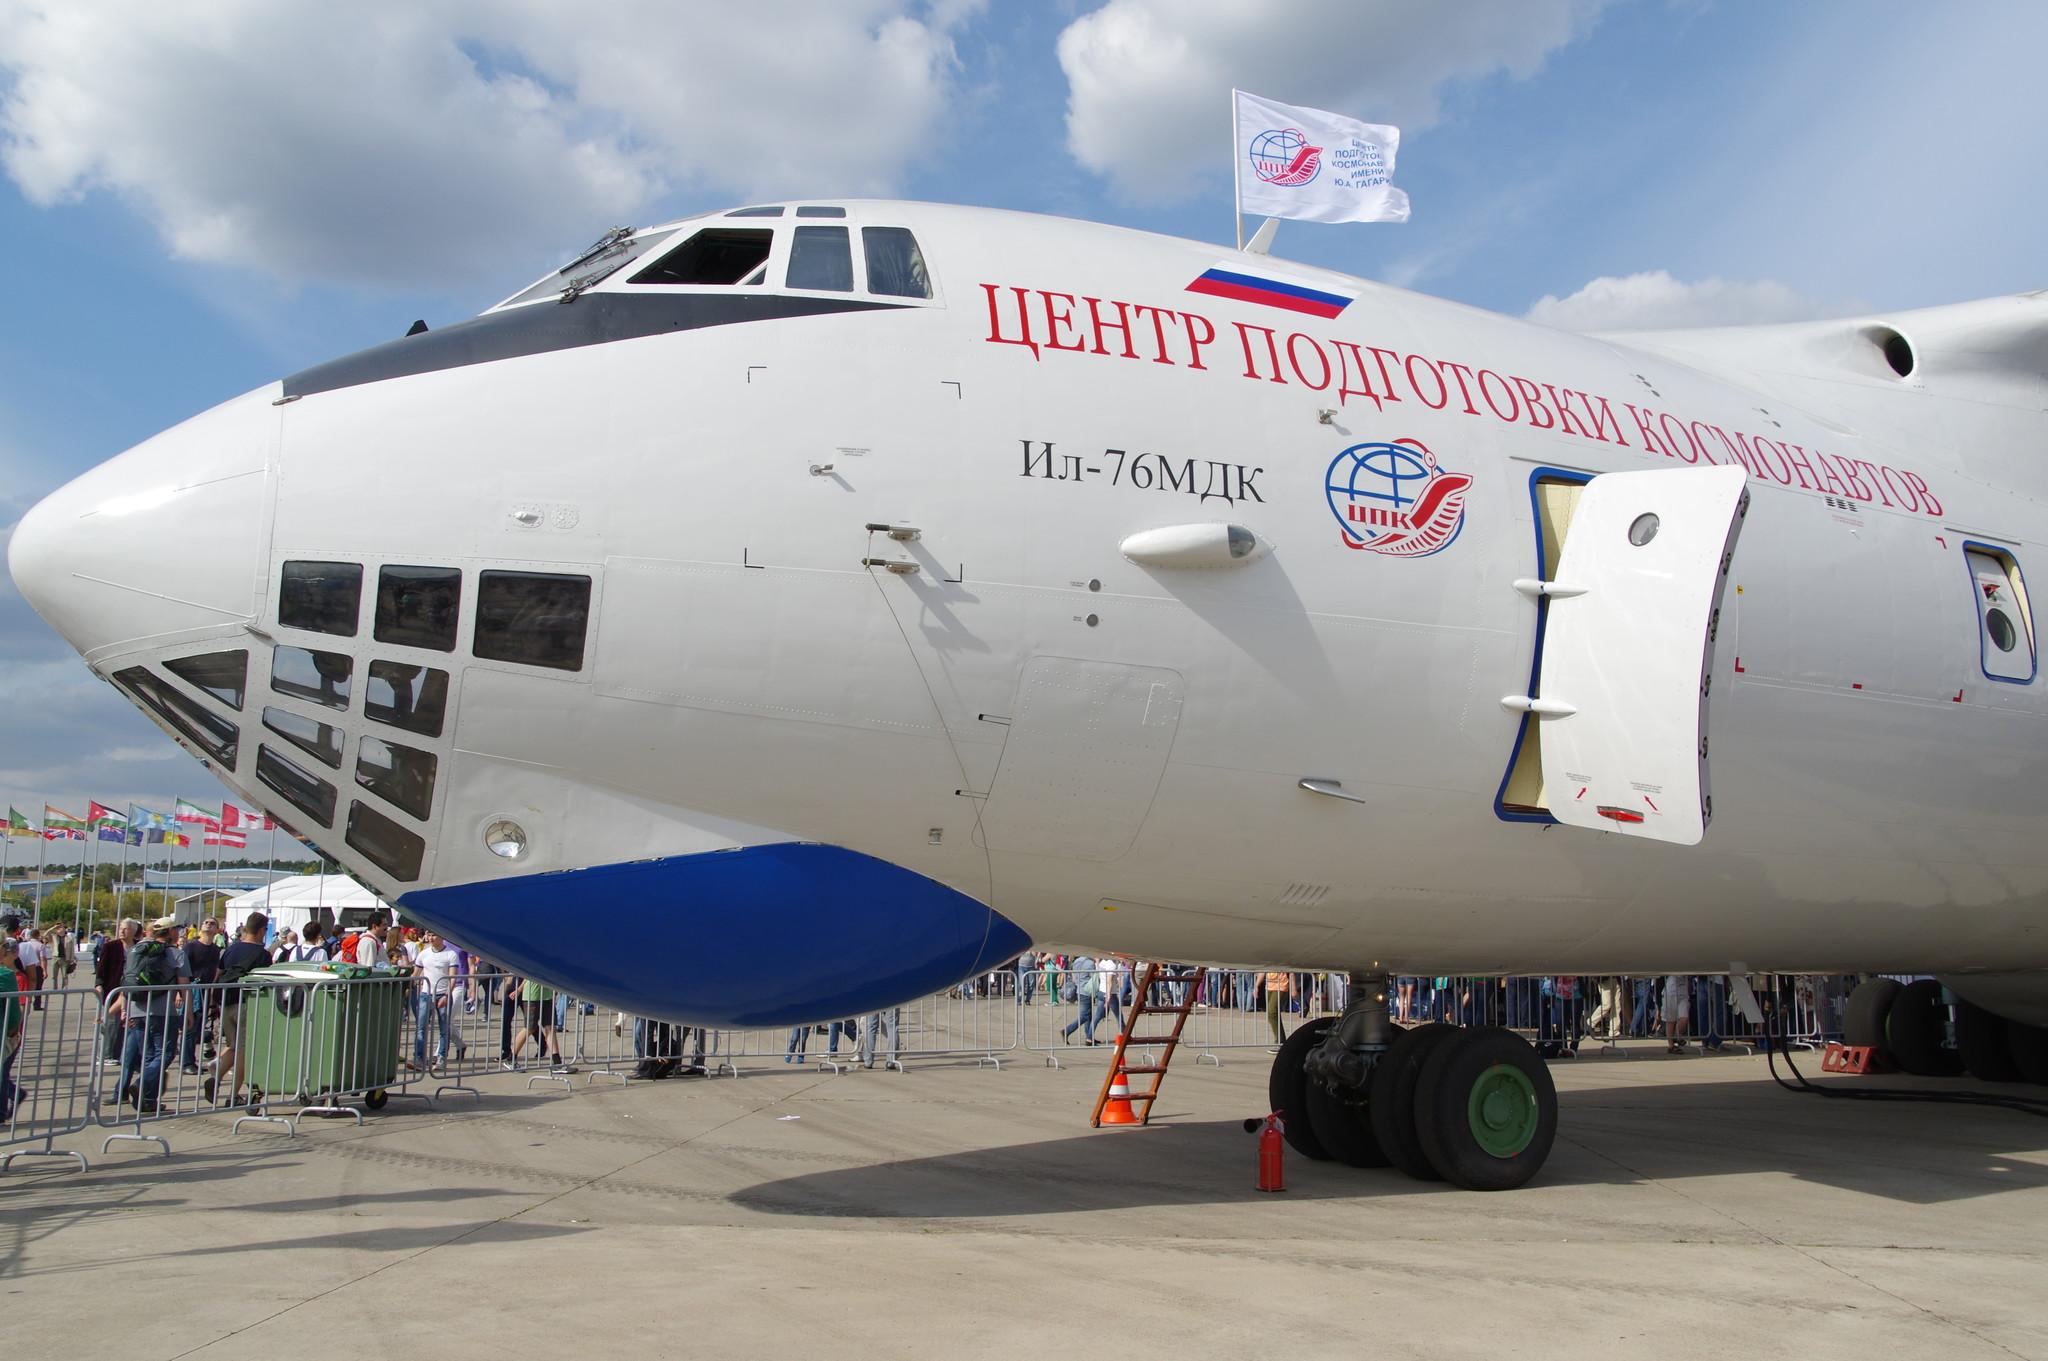 Самолёт Ил-76 МДК Центра подготовки космонавтов им. Ю.А. Гагарина